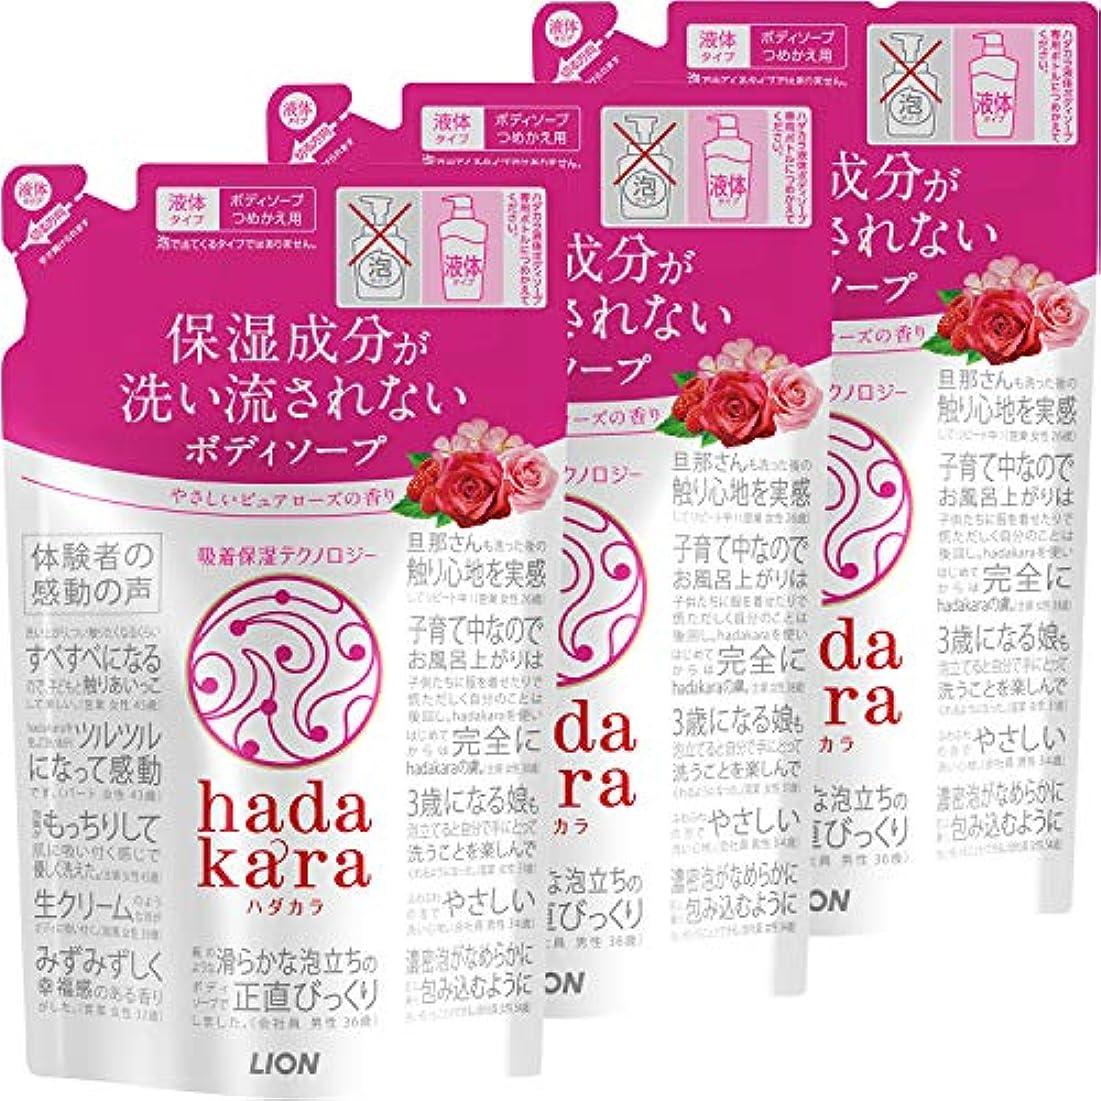 原始的な椅子アレルギーhadakara(ハダカラ) ボディソープ ピュアローズの香り つめかえ360ml×3個 詰替え用